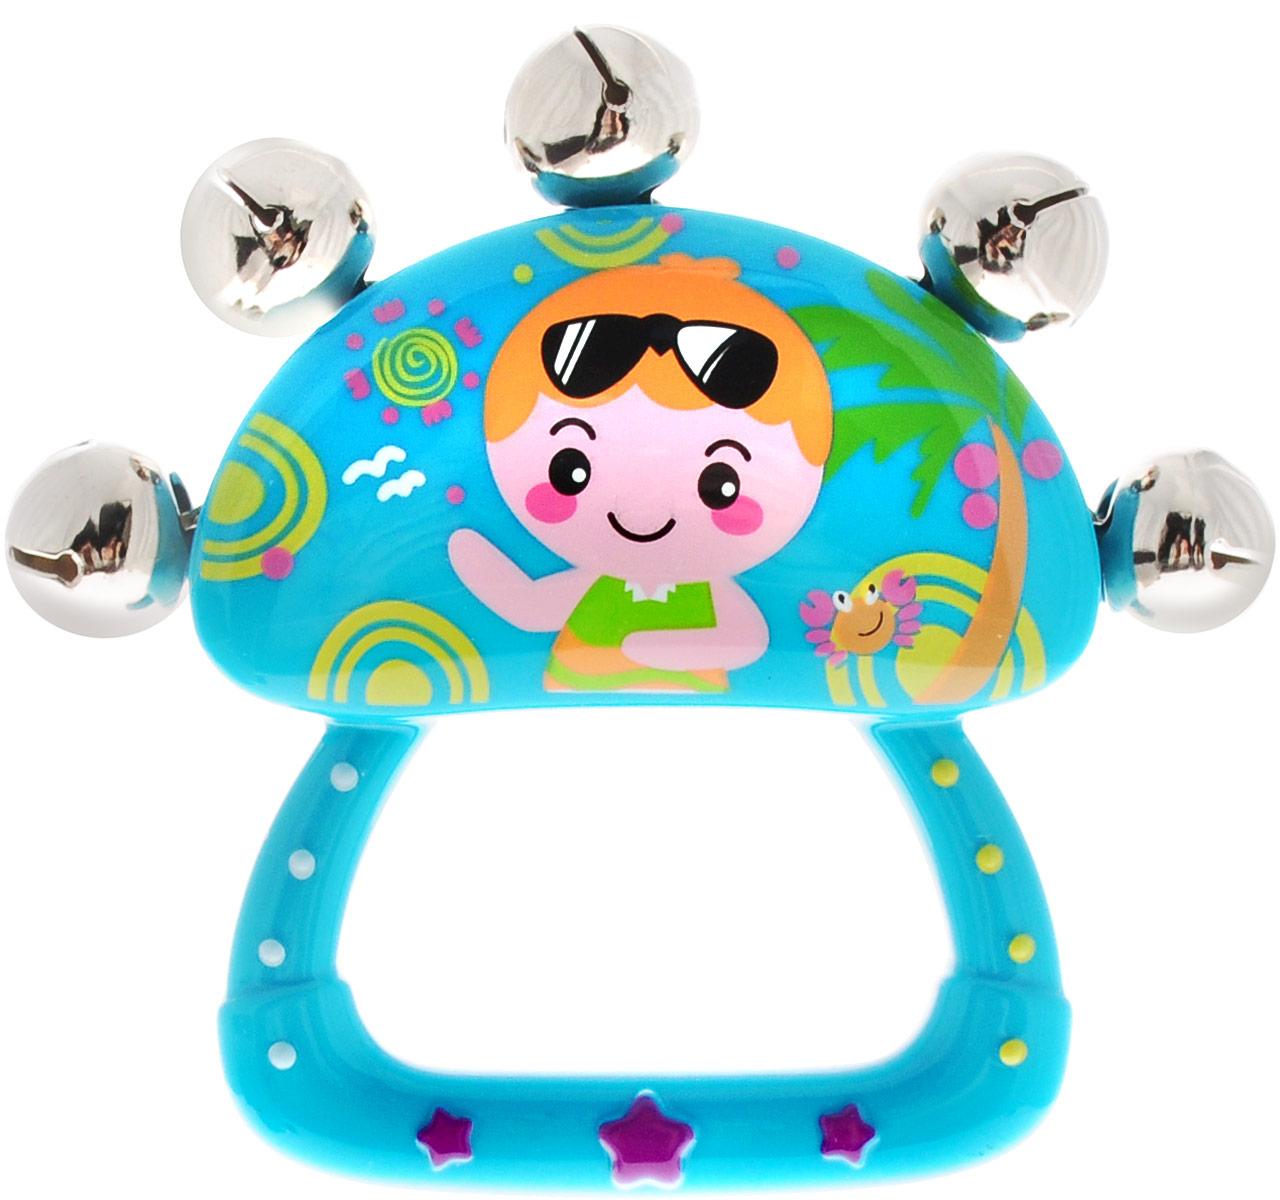 Huile Toys Погремушка цвет бирюзовый huile toys развивающая игрушка руль